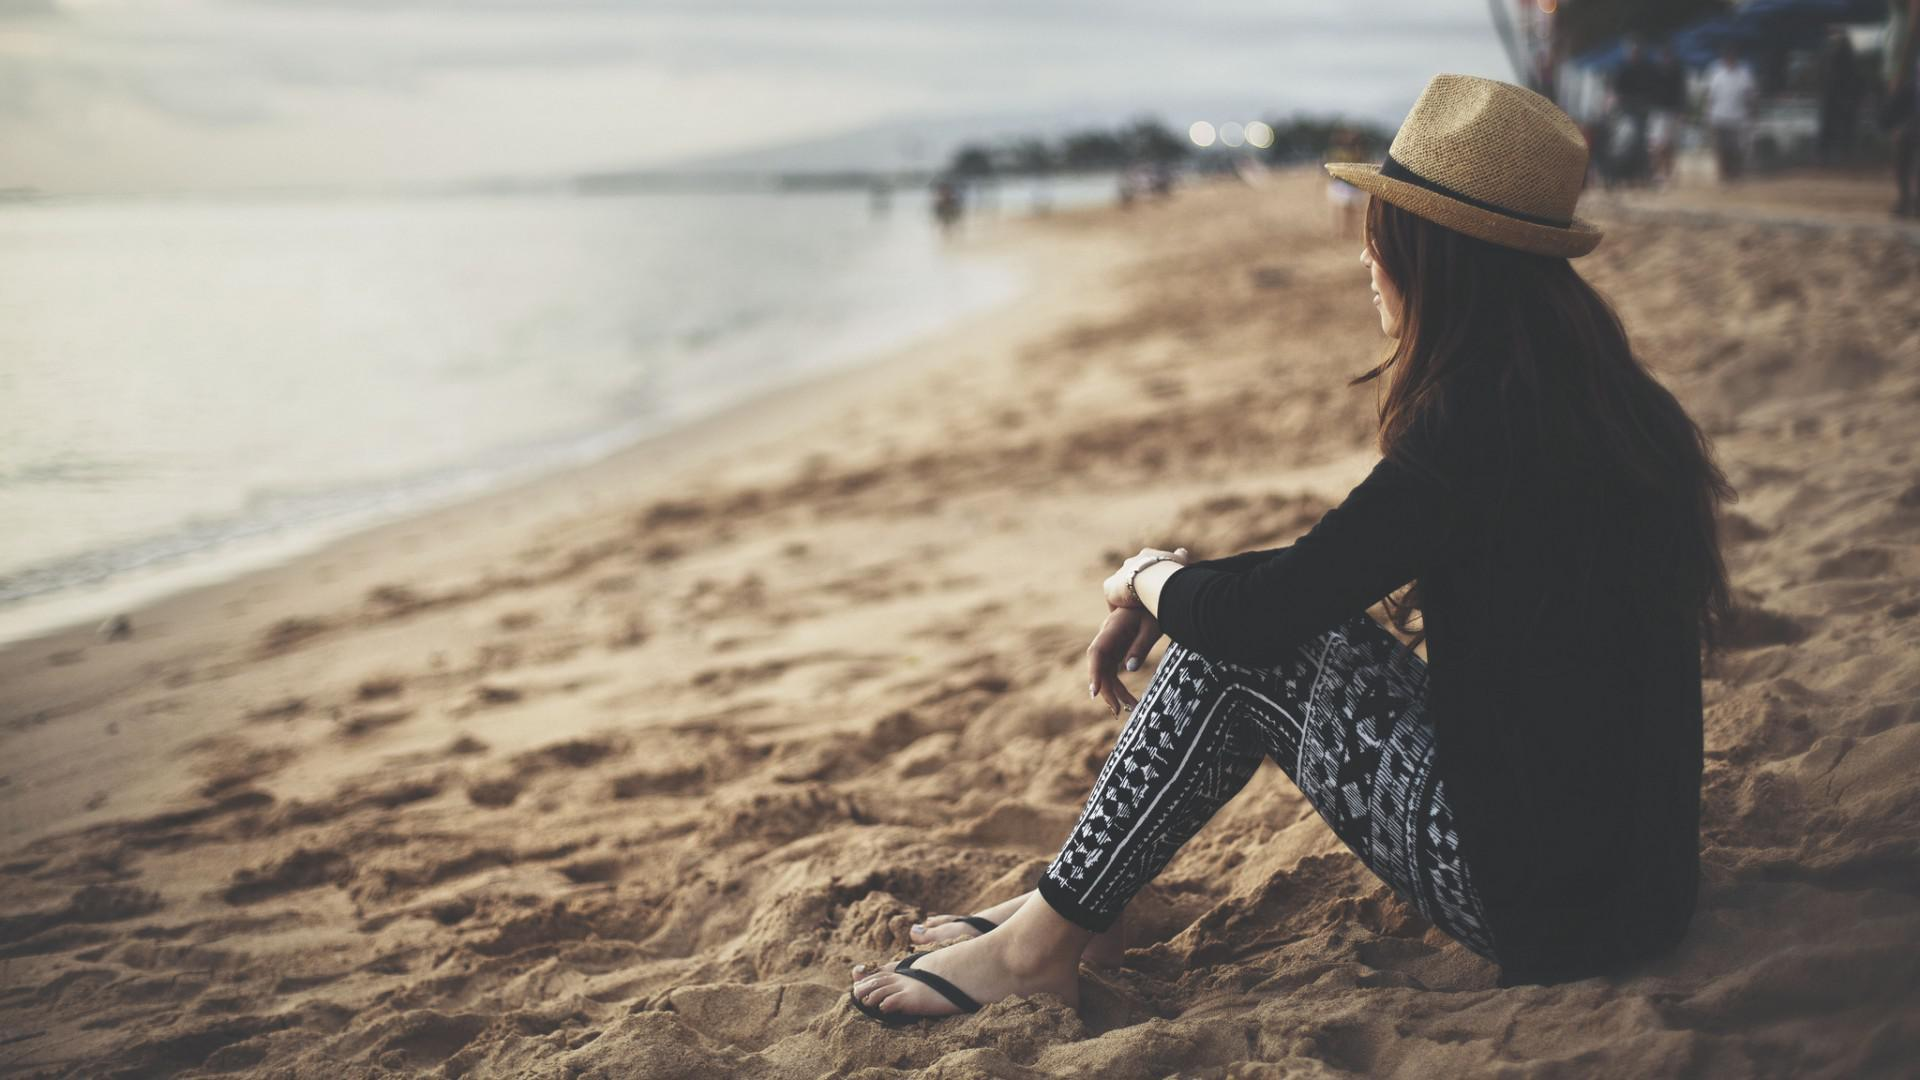 Hình ảnh cô gái cô đơn trên biển